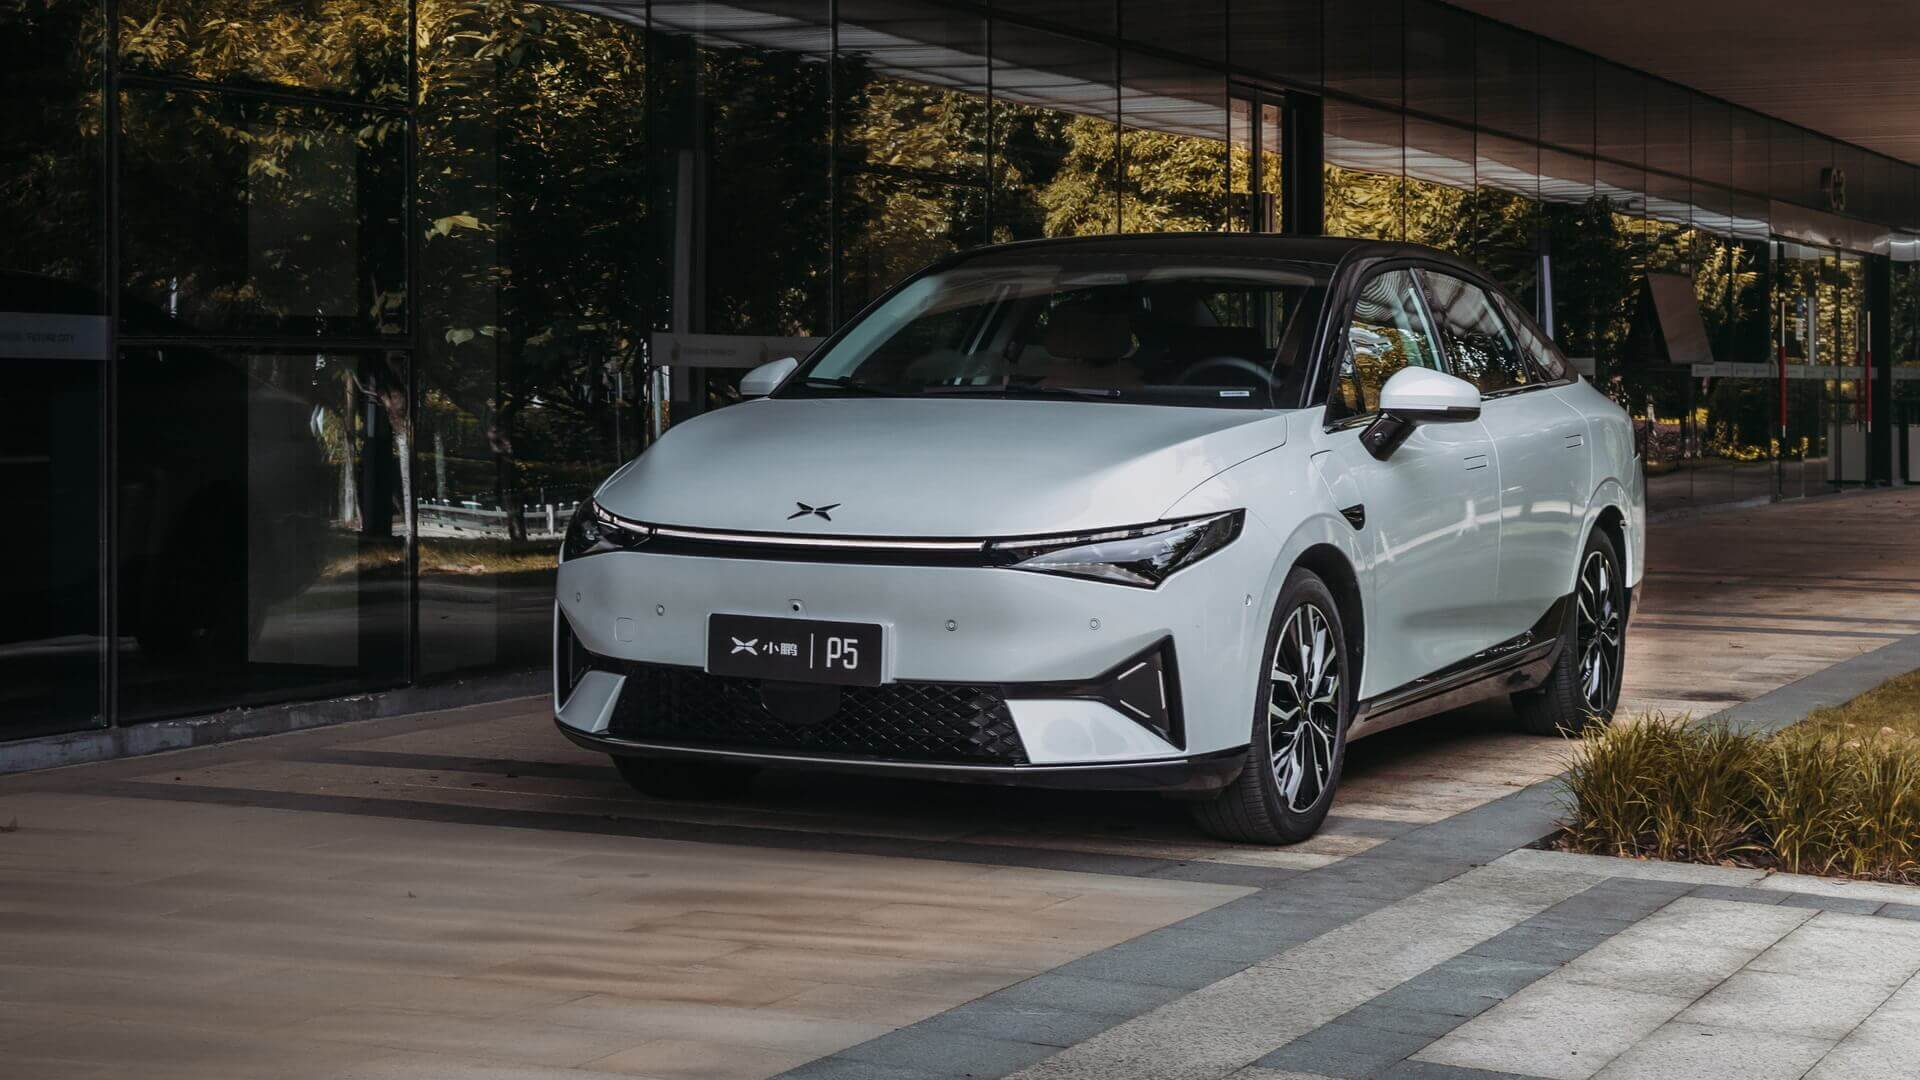 Компания XPeng официально выпустила на китайский рынок свою третью модель P5 и подробно опубликовала технические характеристики и цены